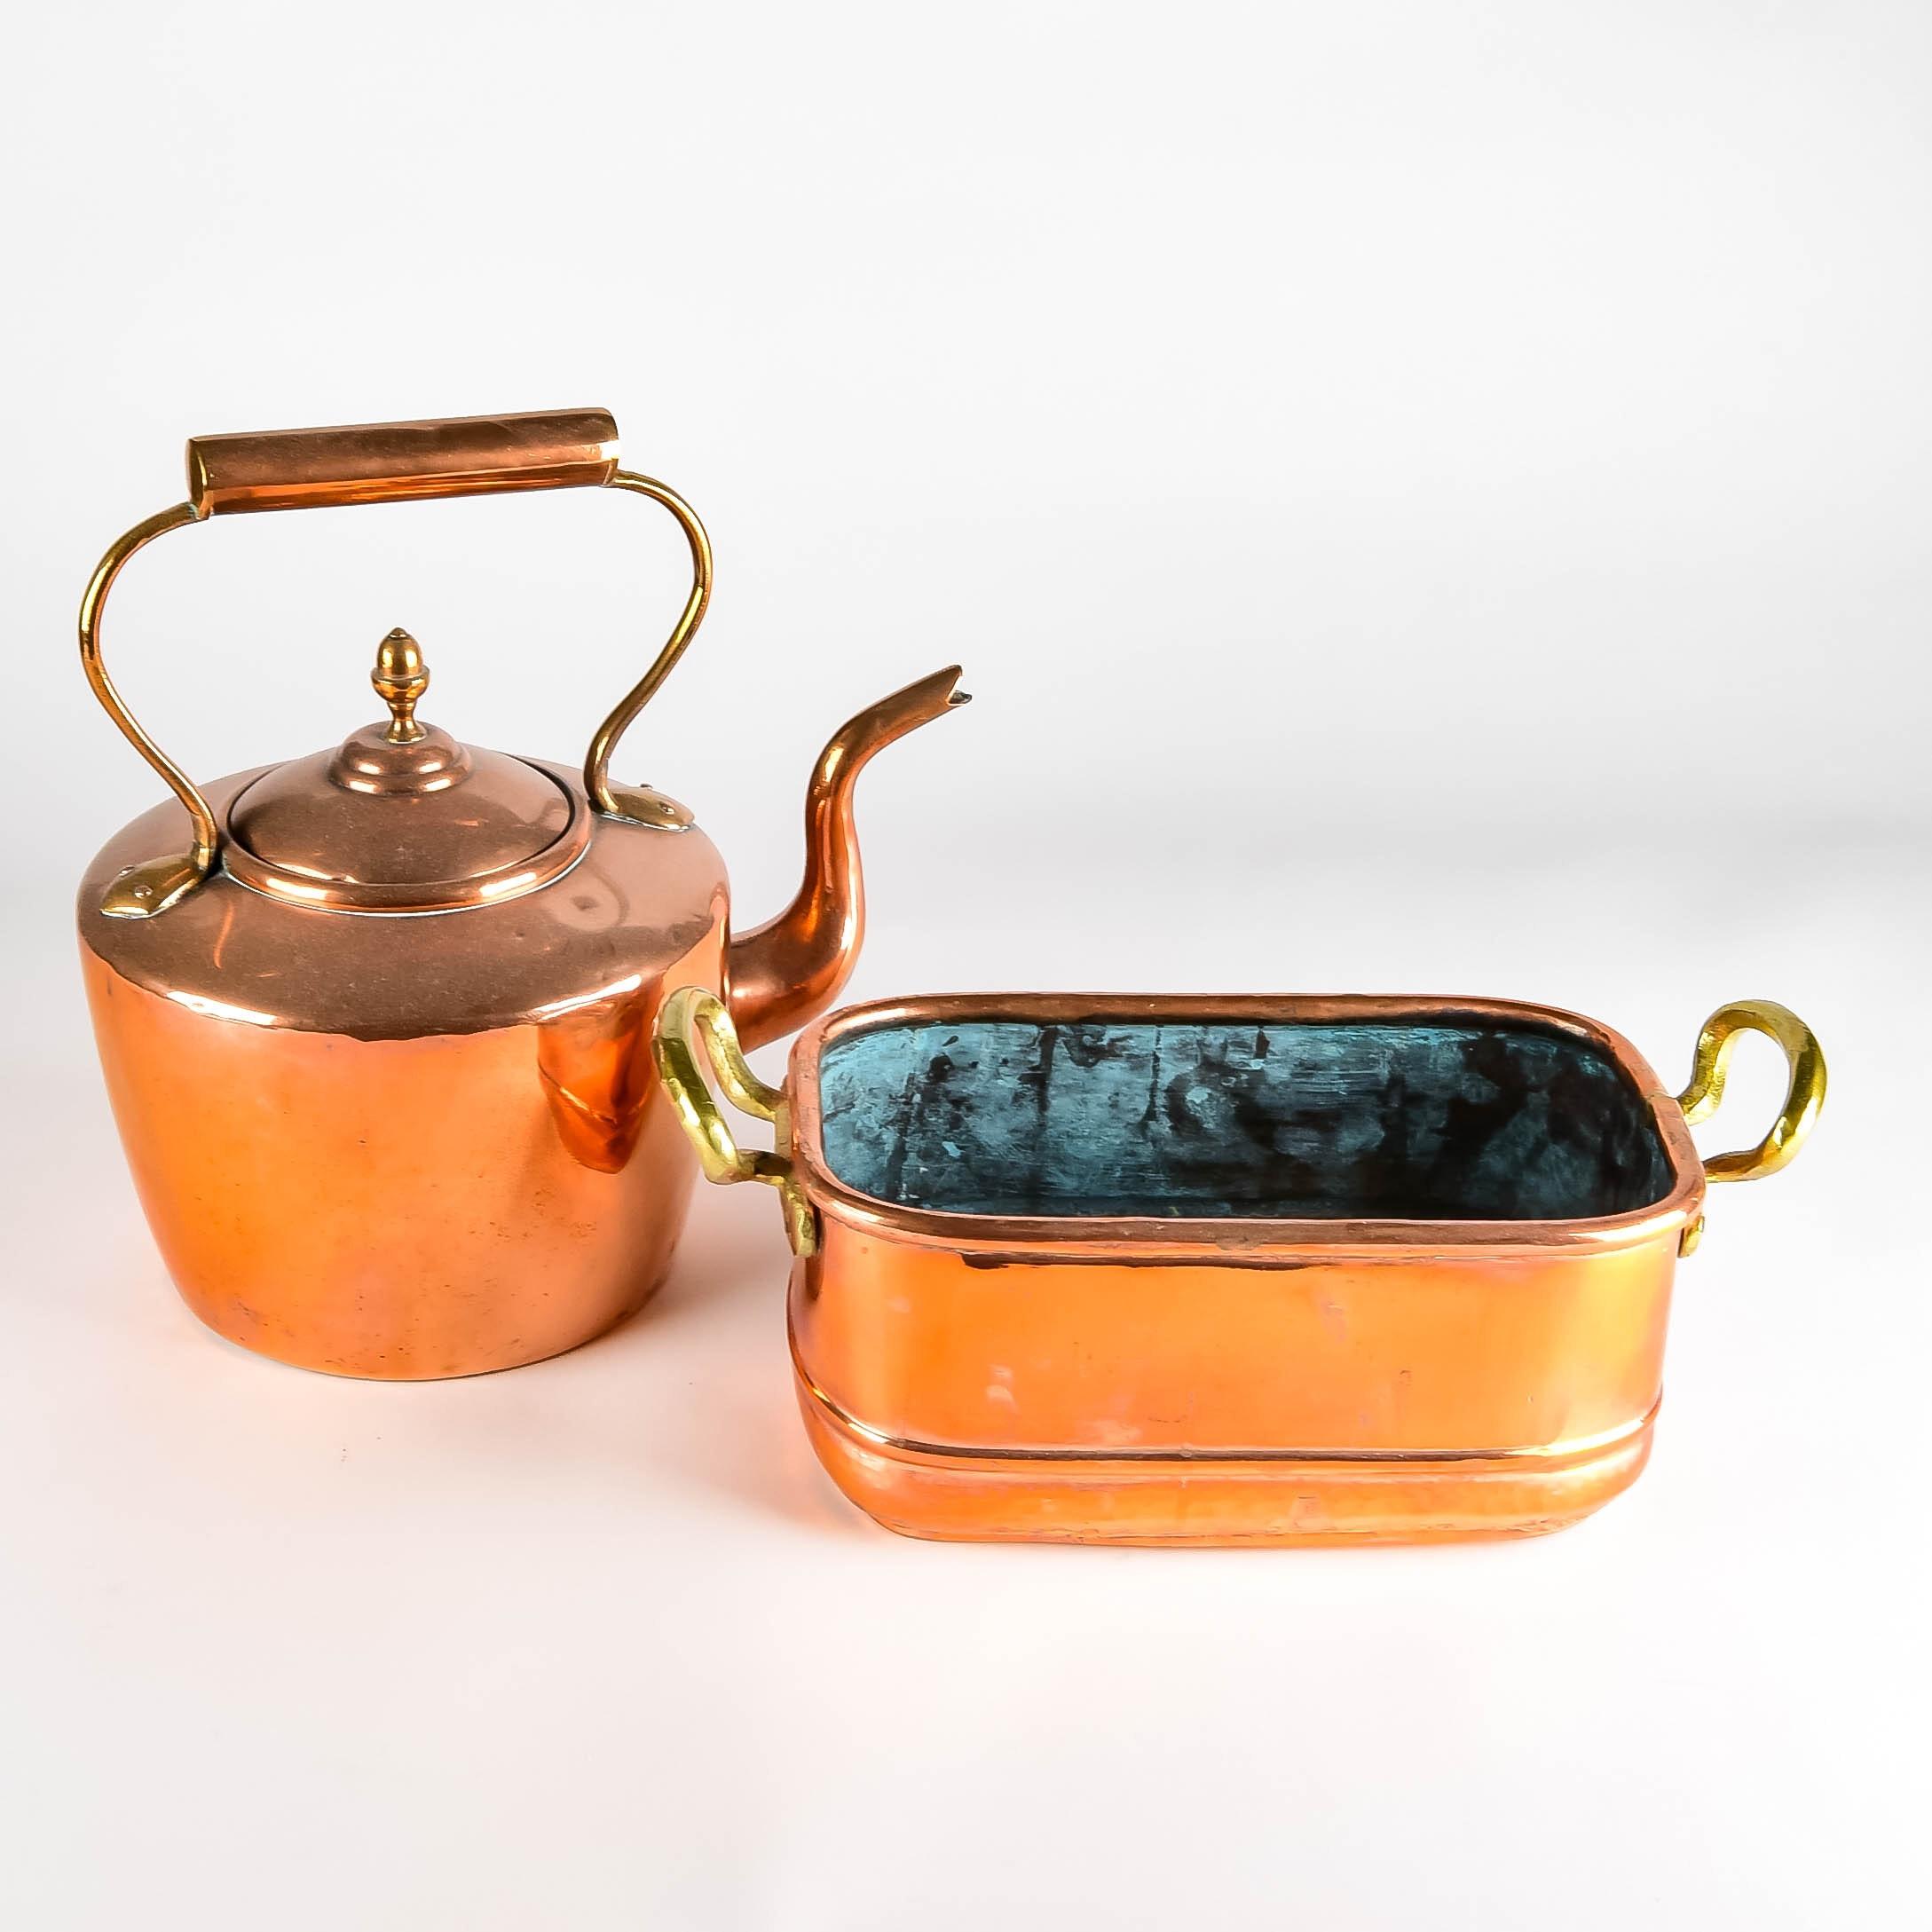 Copper Teapot and Bin